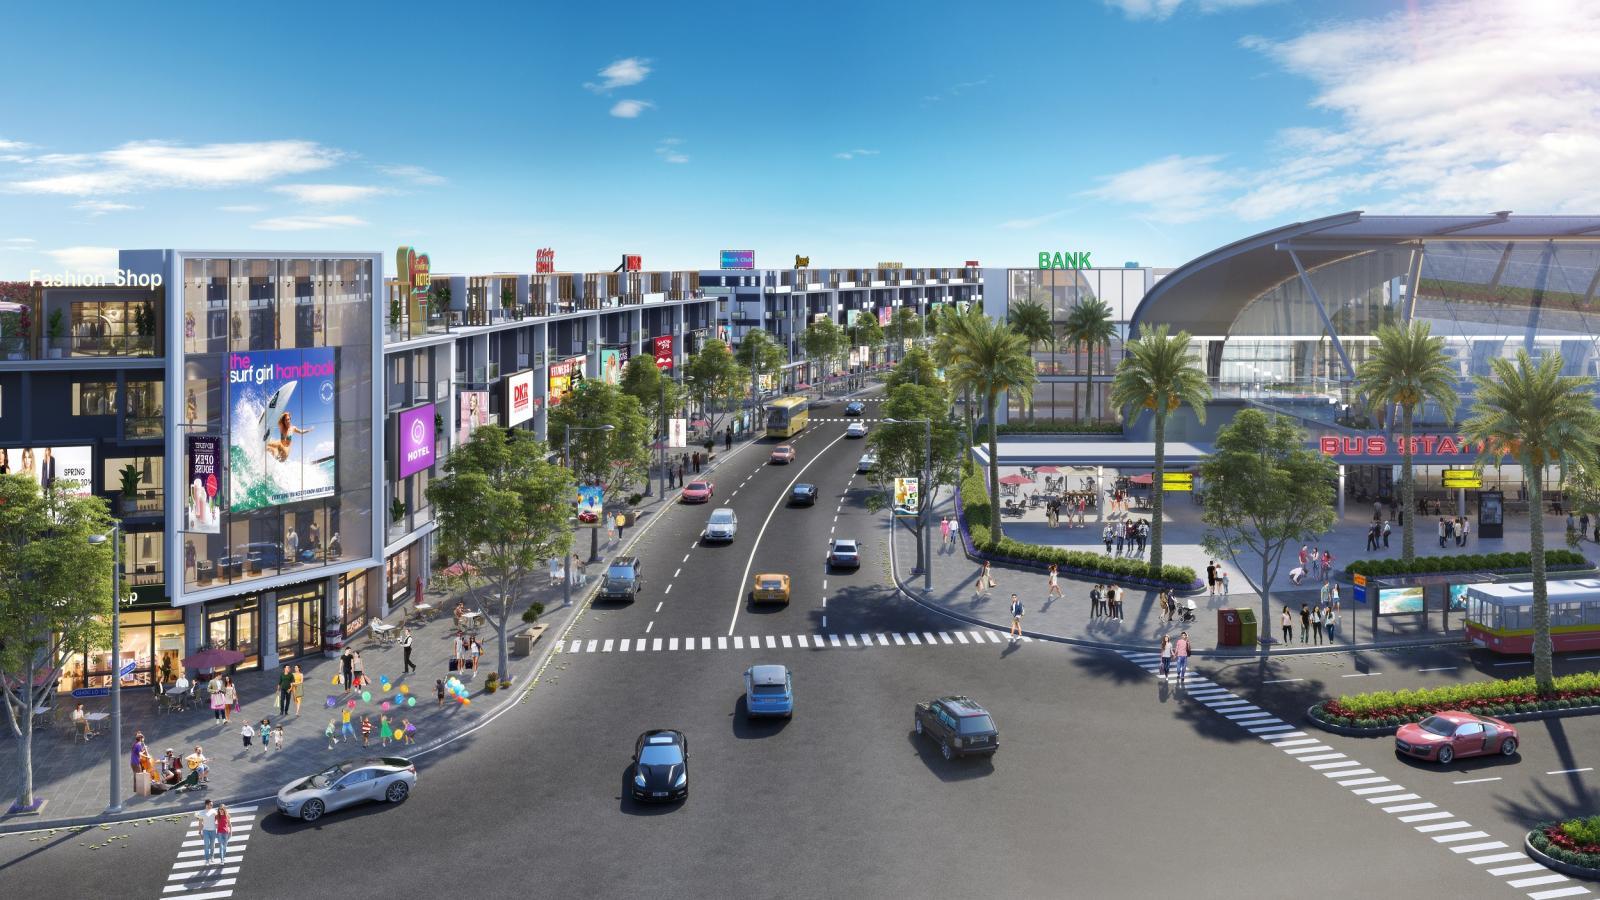 Phối cảnh khu đô thị ven biển gồm những dãy nhà liền kề nằm cạnh một con đường lớn.